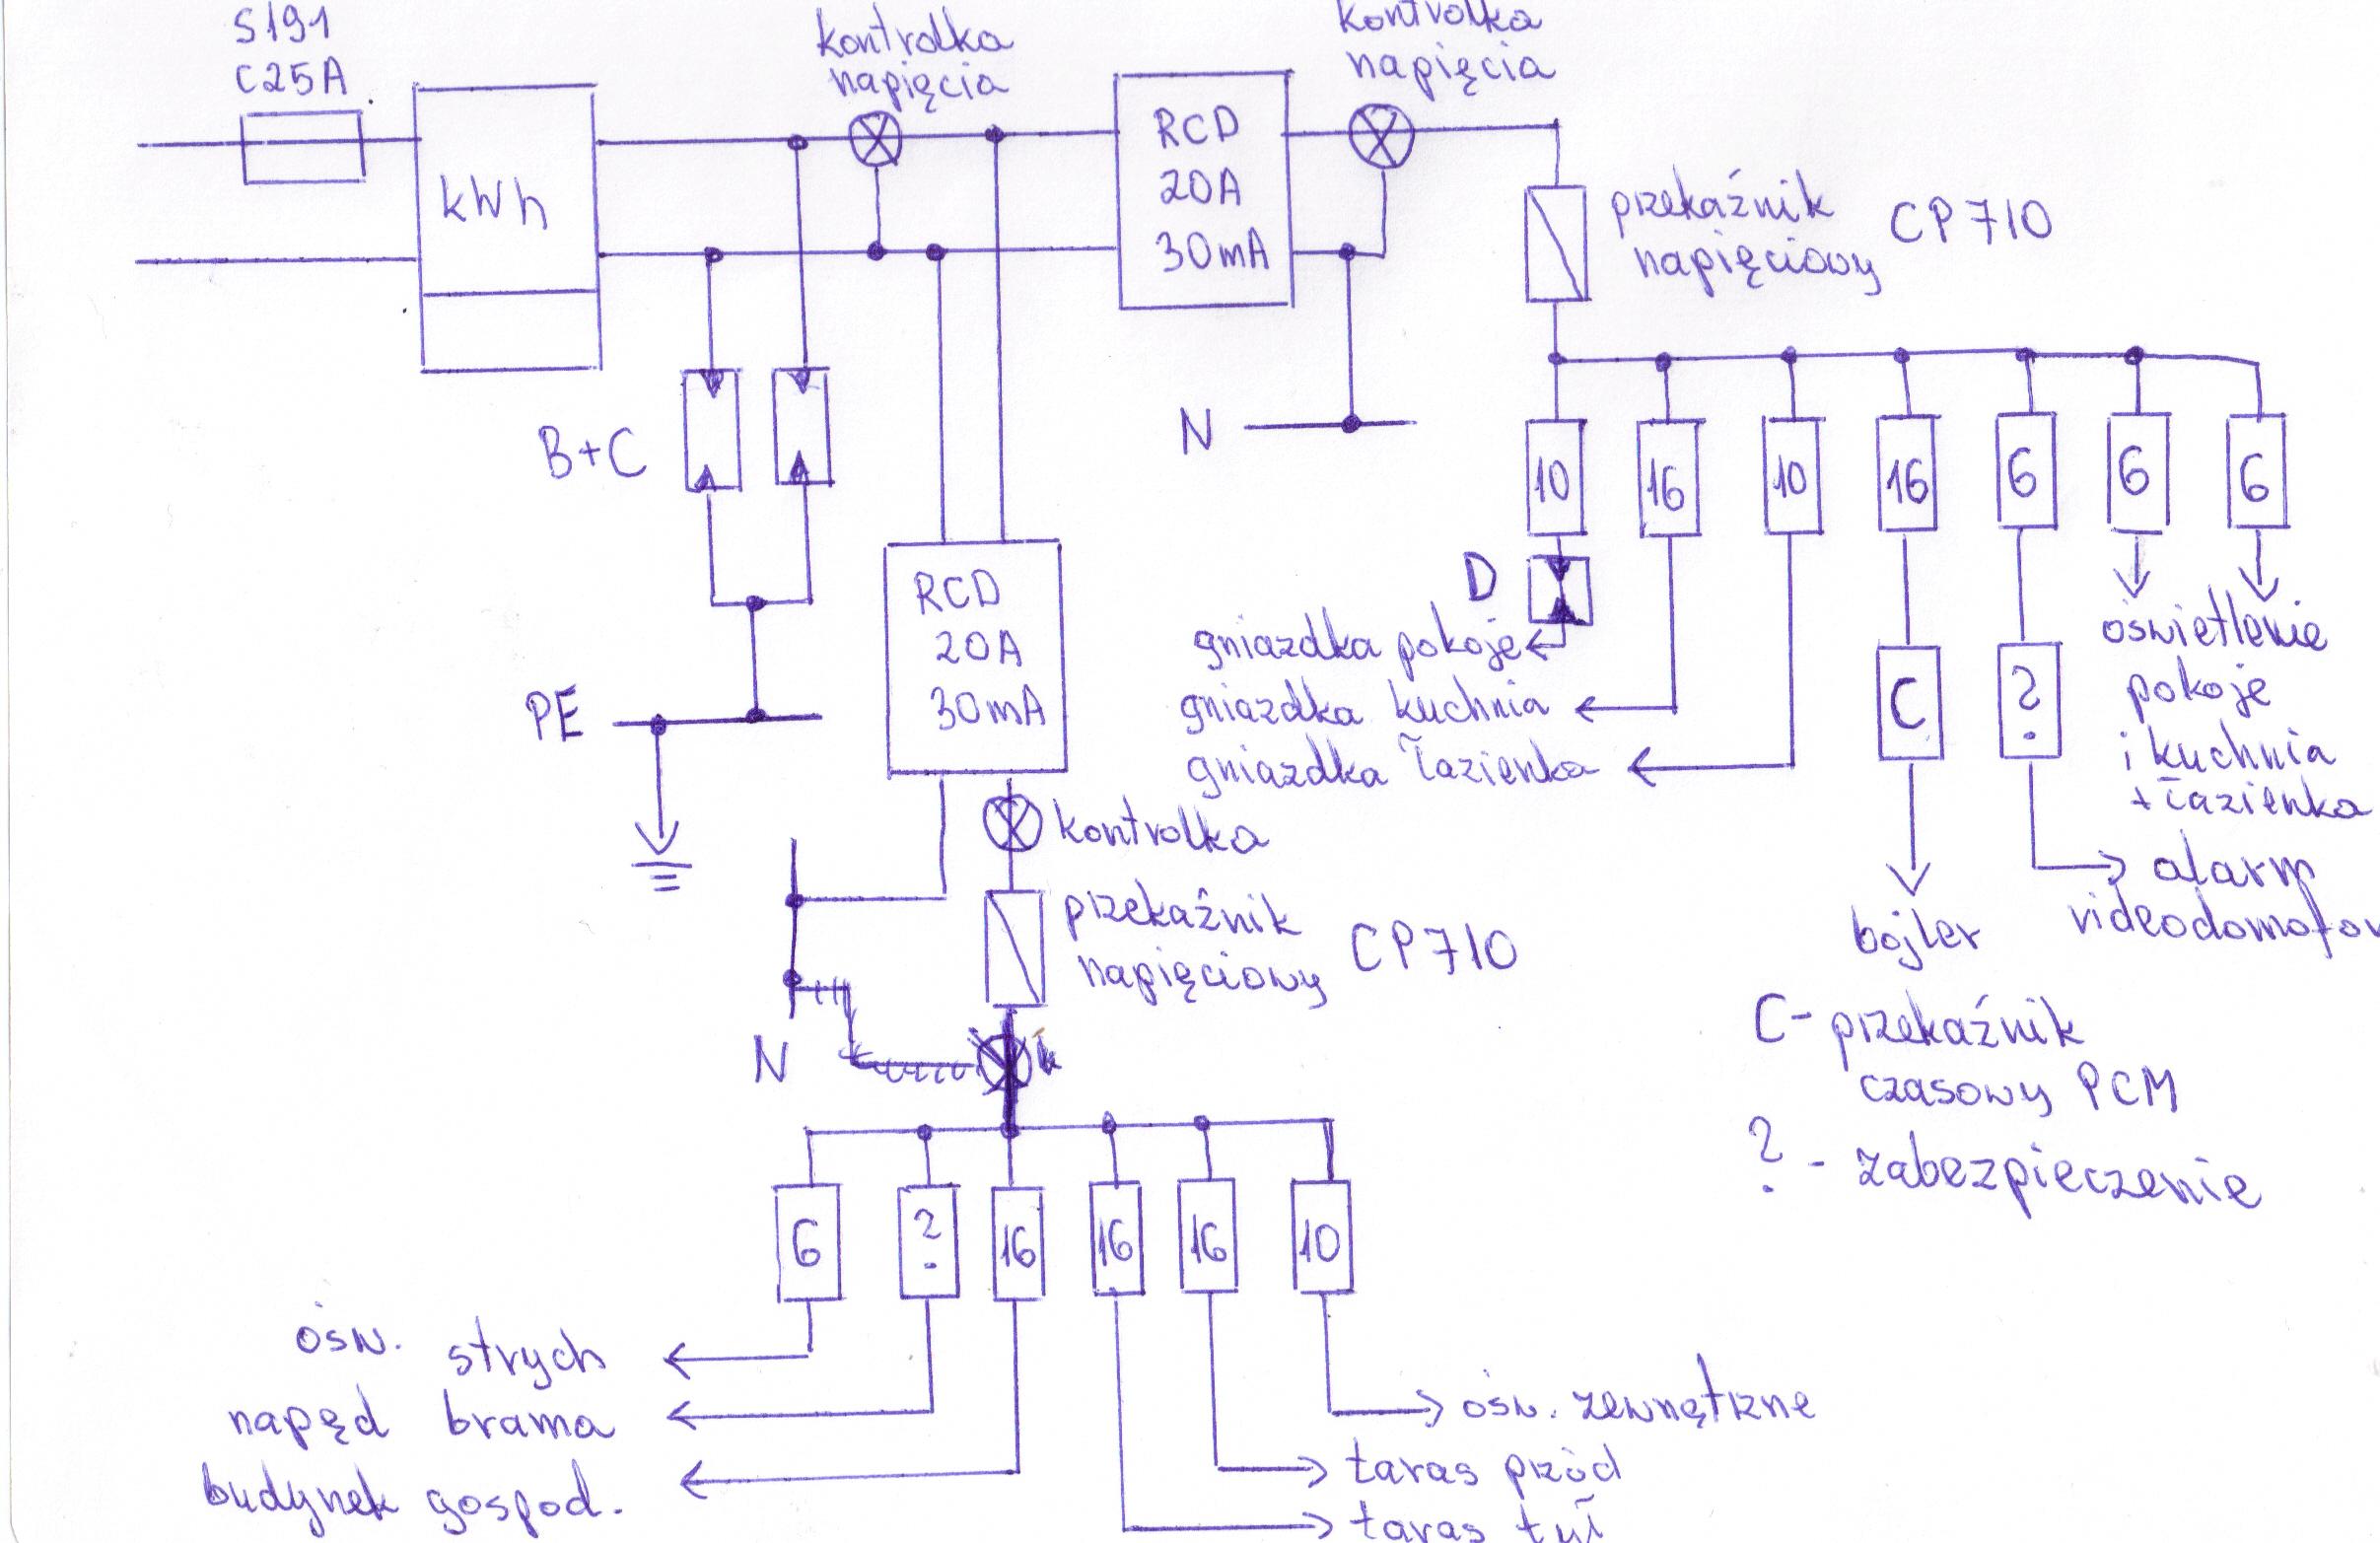 Ocena instalacji elektrycznej